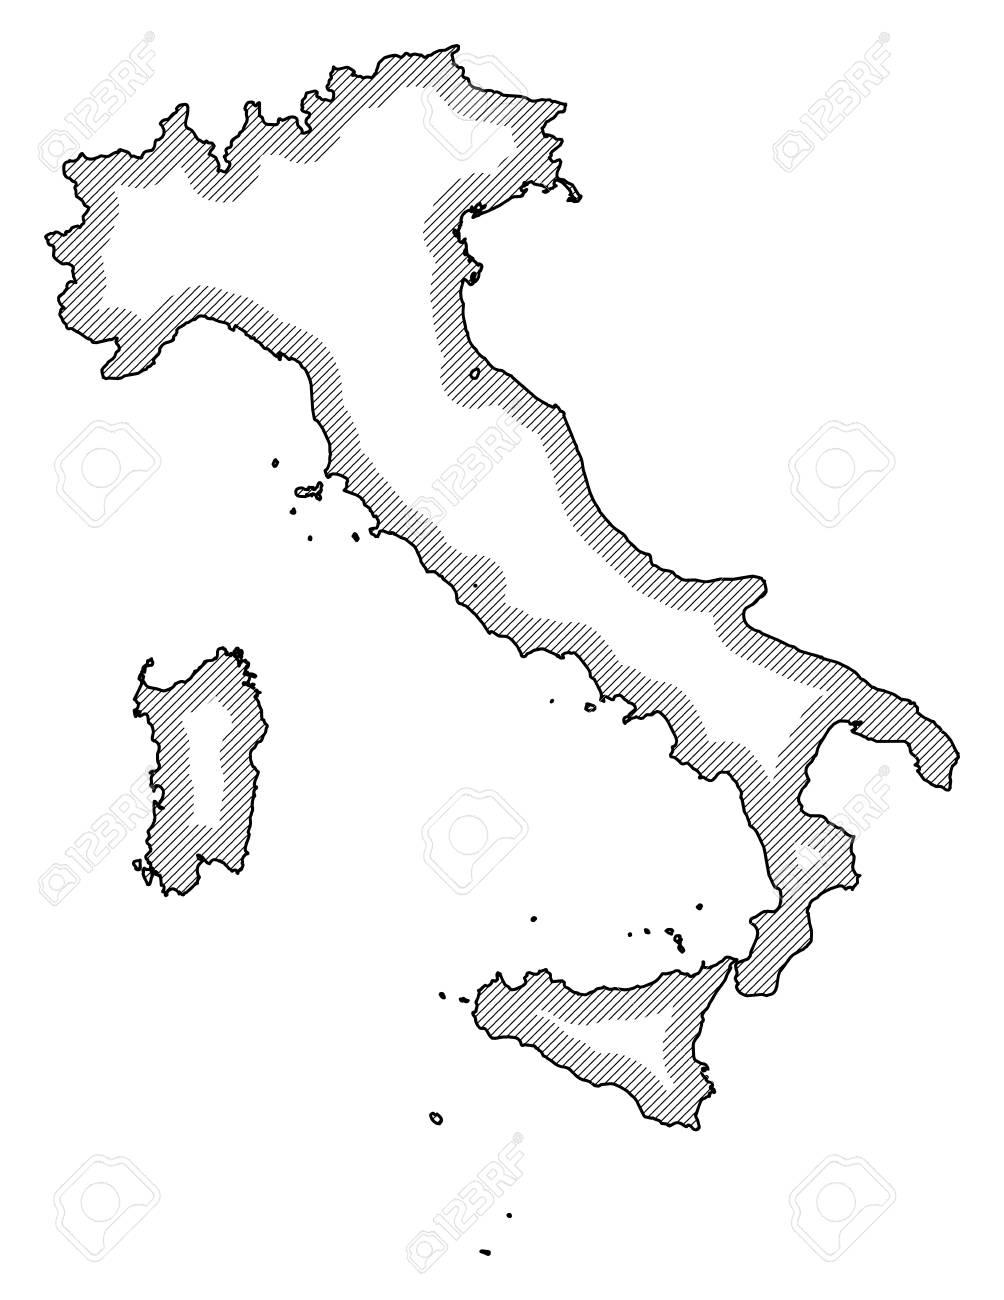 Cartina Italia Regioni Bianco E Nero.Vettoriale Mappa Dell Italia In Bianco E Nero L Italia E Evidenziata Da Un Tratteggio Image 58142662